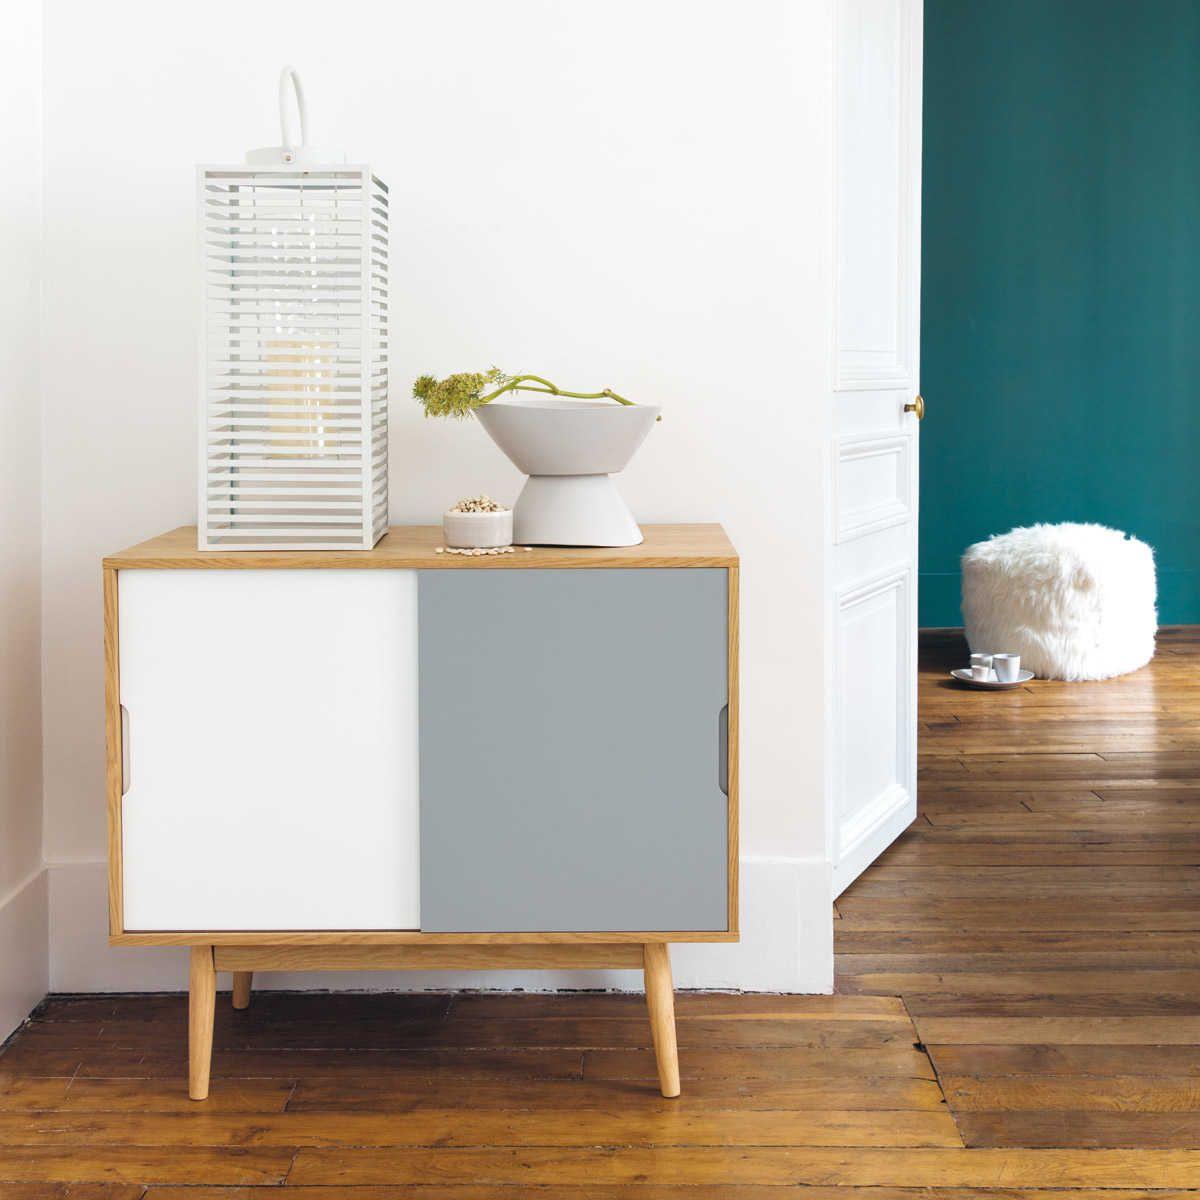 buffet vintage blanc et gris home accessories maison. Black Bedroom Furniture Sets. Home Design Ideas